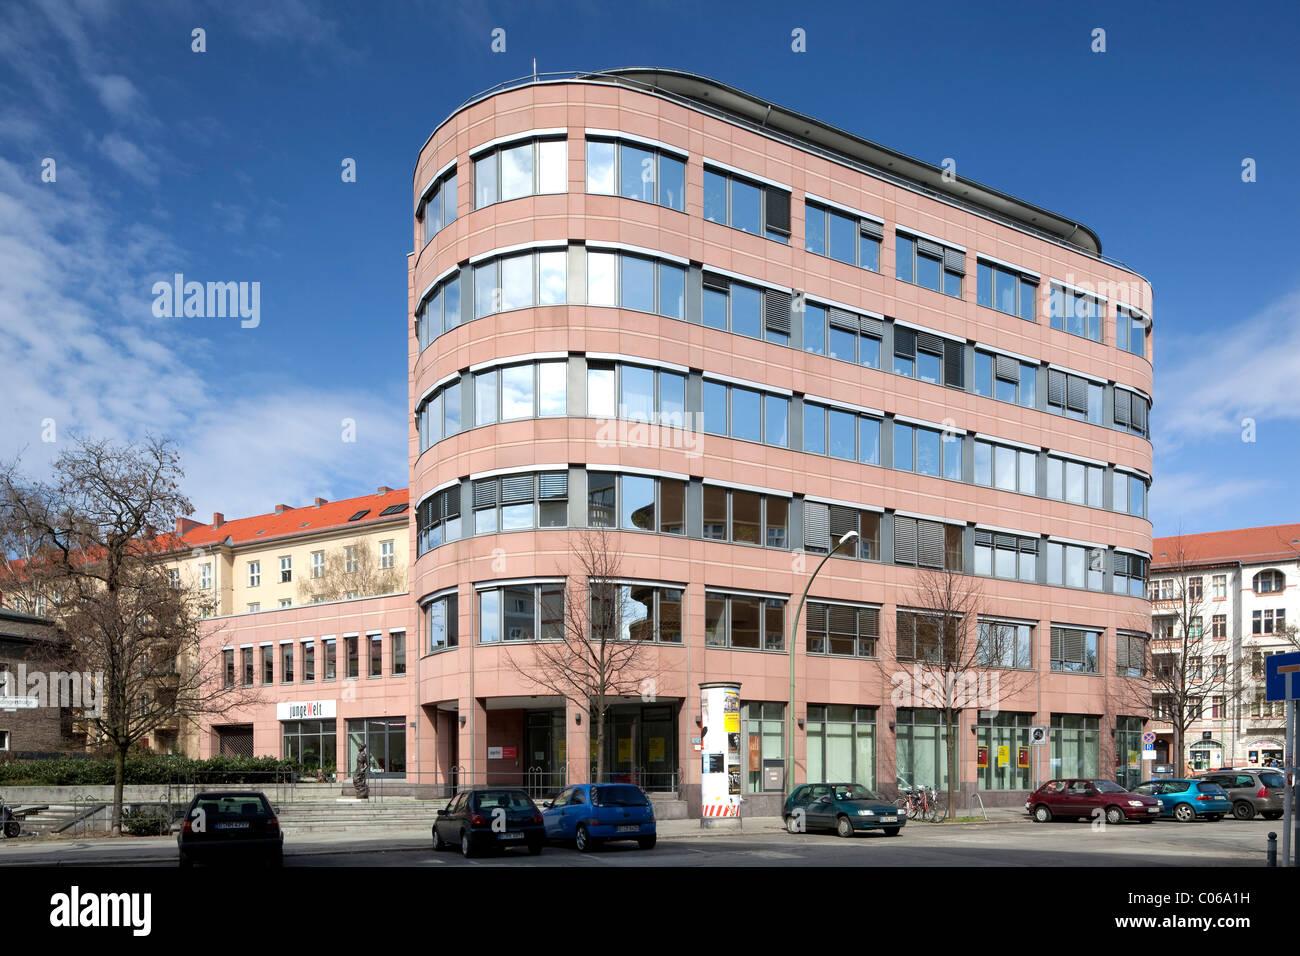 Immeuble de bureaux, Torstrasse, bureau de la rédaction du journal Junge Welt, Berlin, Berlin, Germany, Europe Photo Stock